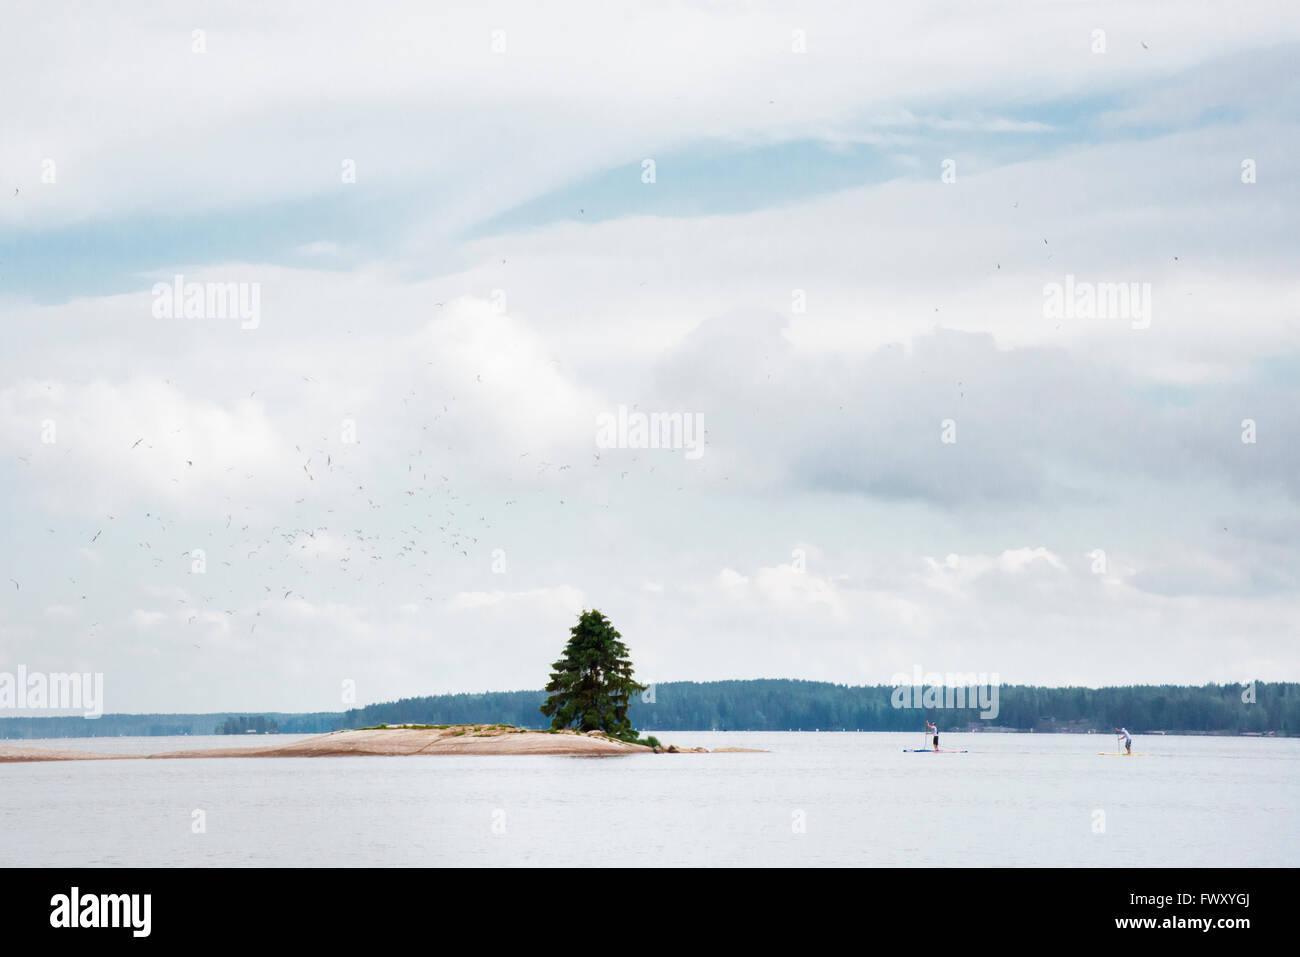 Finlandia, Varsinais-Suomi, Satakunda Eura, Uomini in concorrenza su paddleboards Immagini Stock